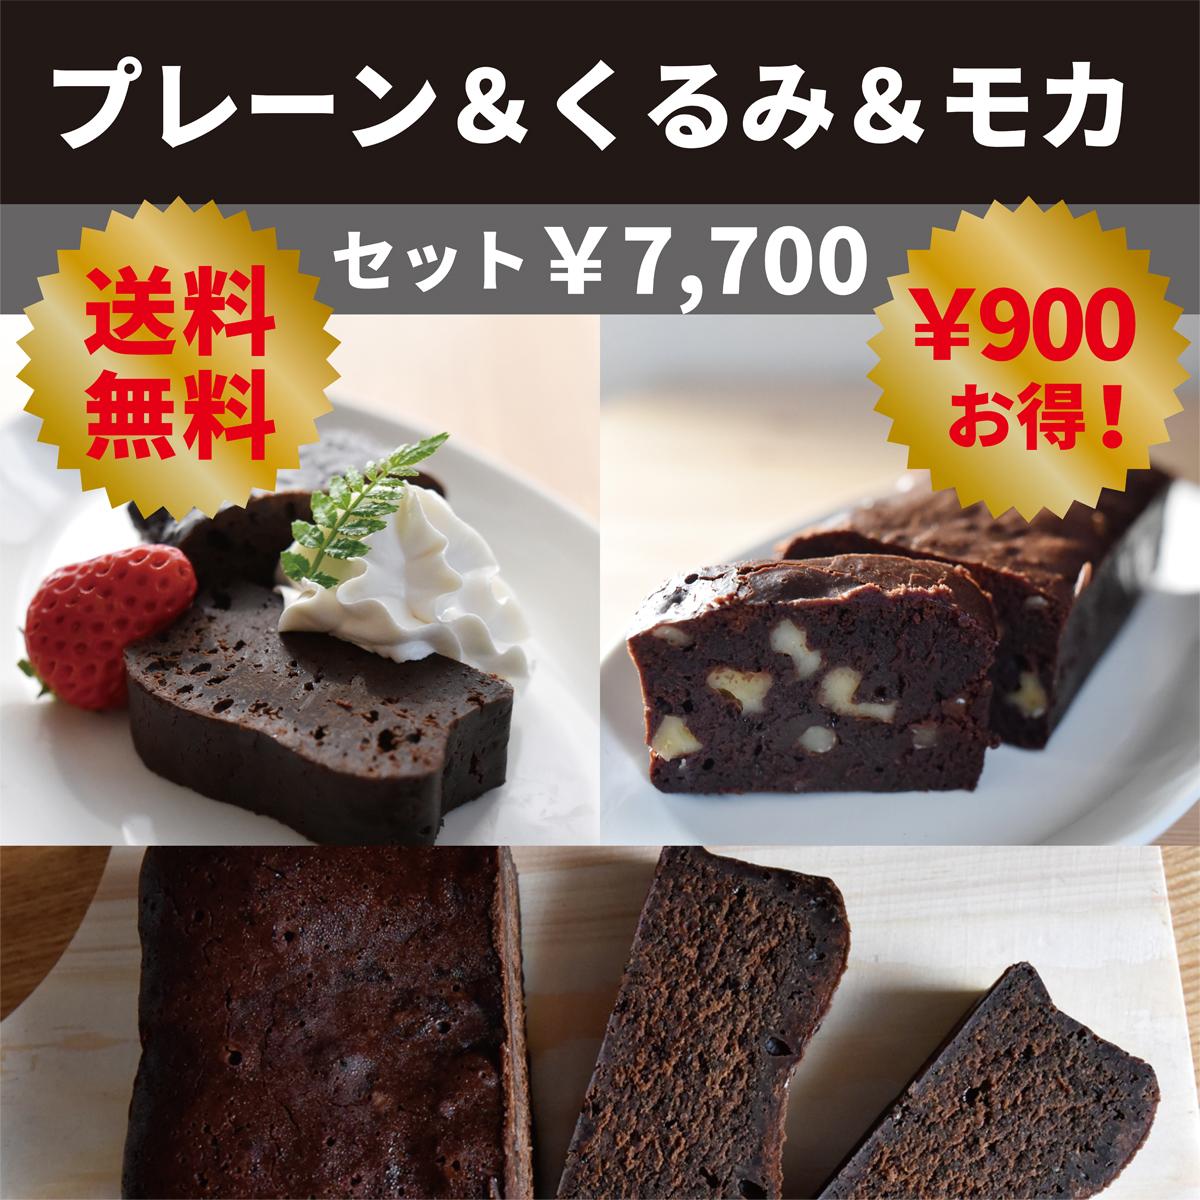 【お得なセット】プレーン&くるみ&モカ